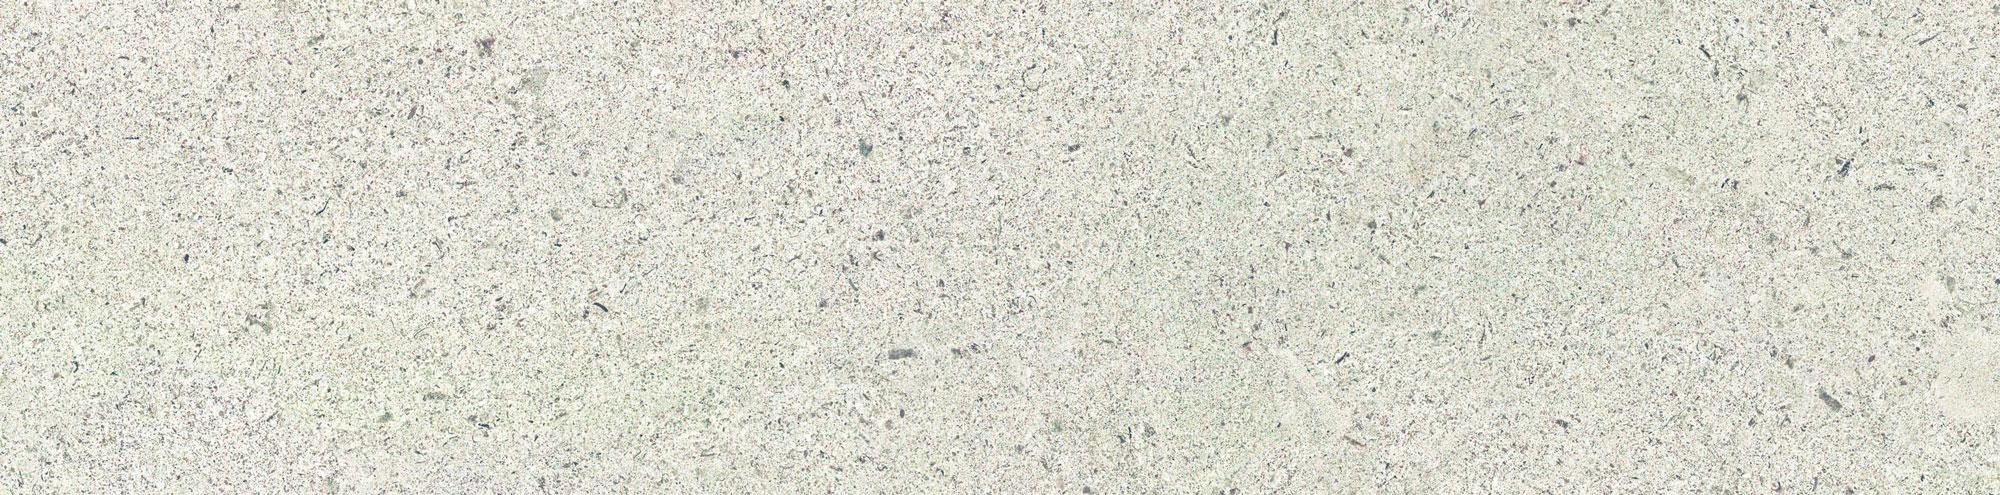 Напольная плитка Ceramika Konskie Discreet Ivory 21x84 (1,05) напольная плитка ceramika konskie quarzite bianca rekt lap 60x60 1 44